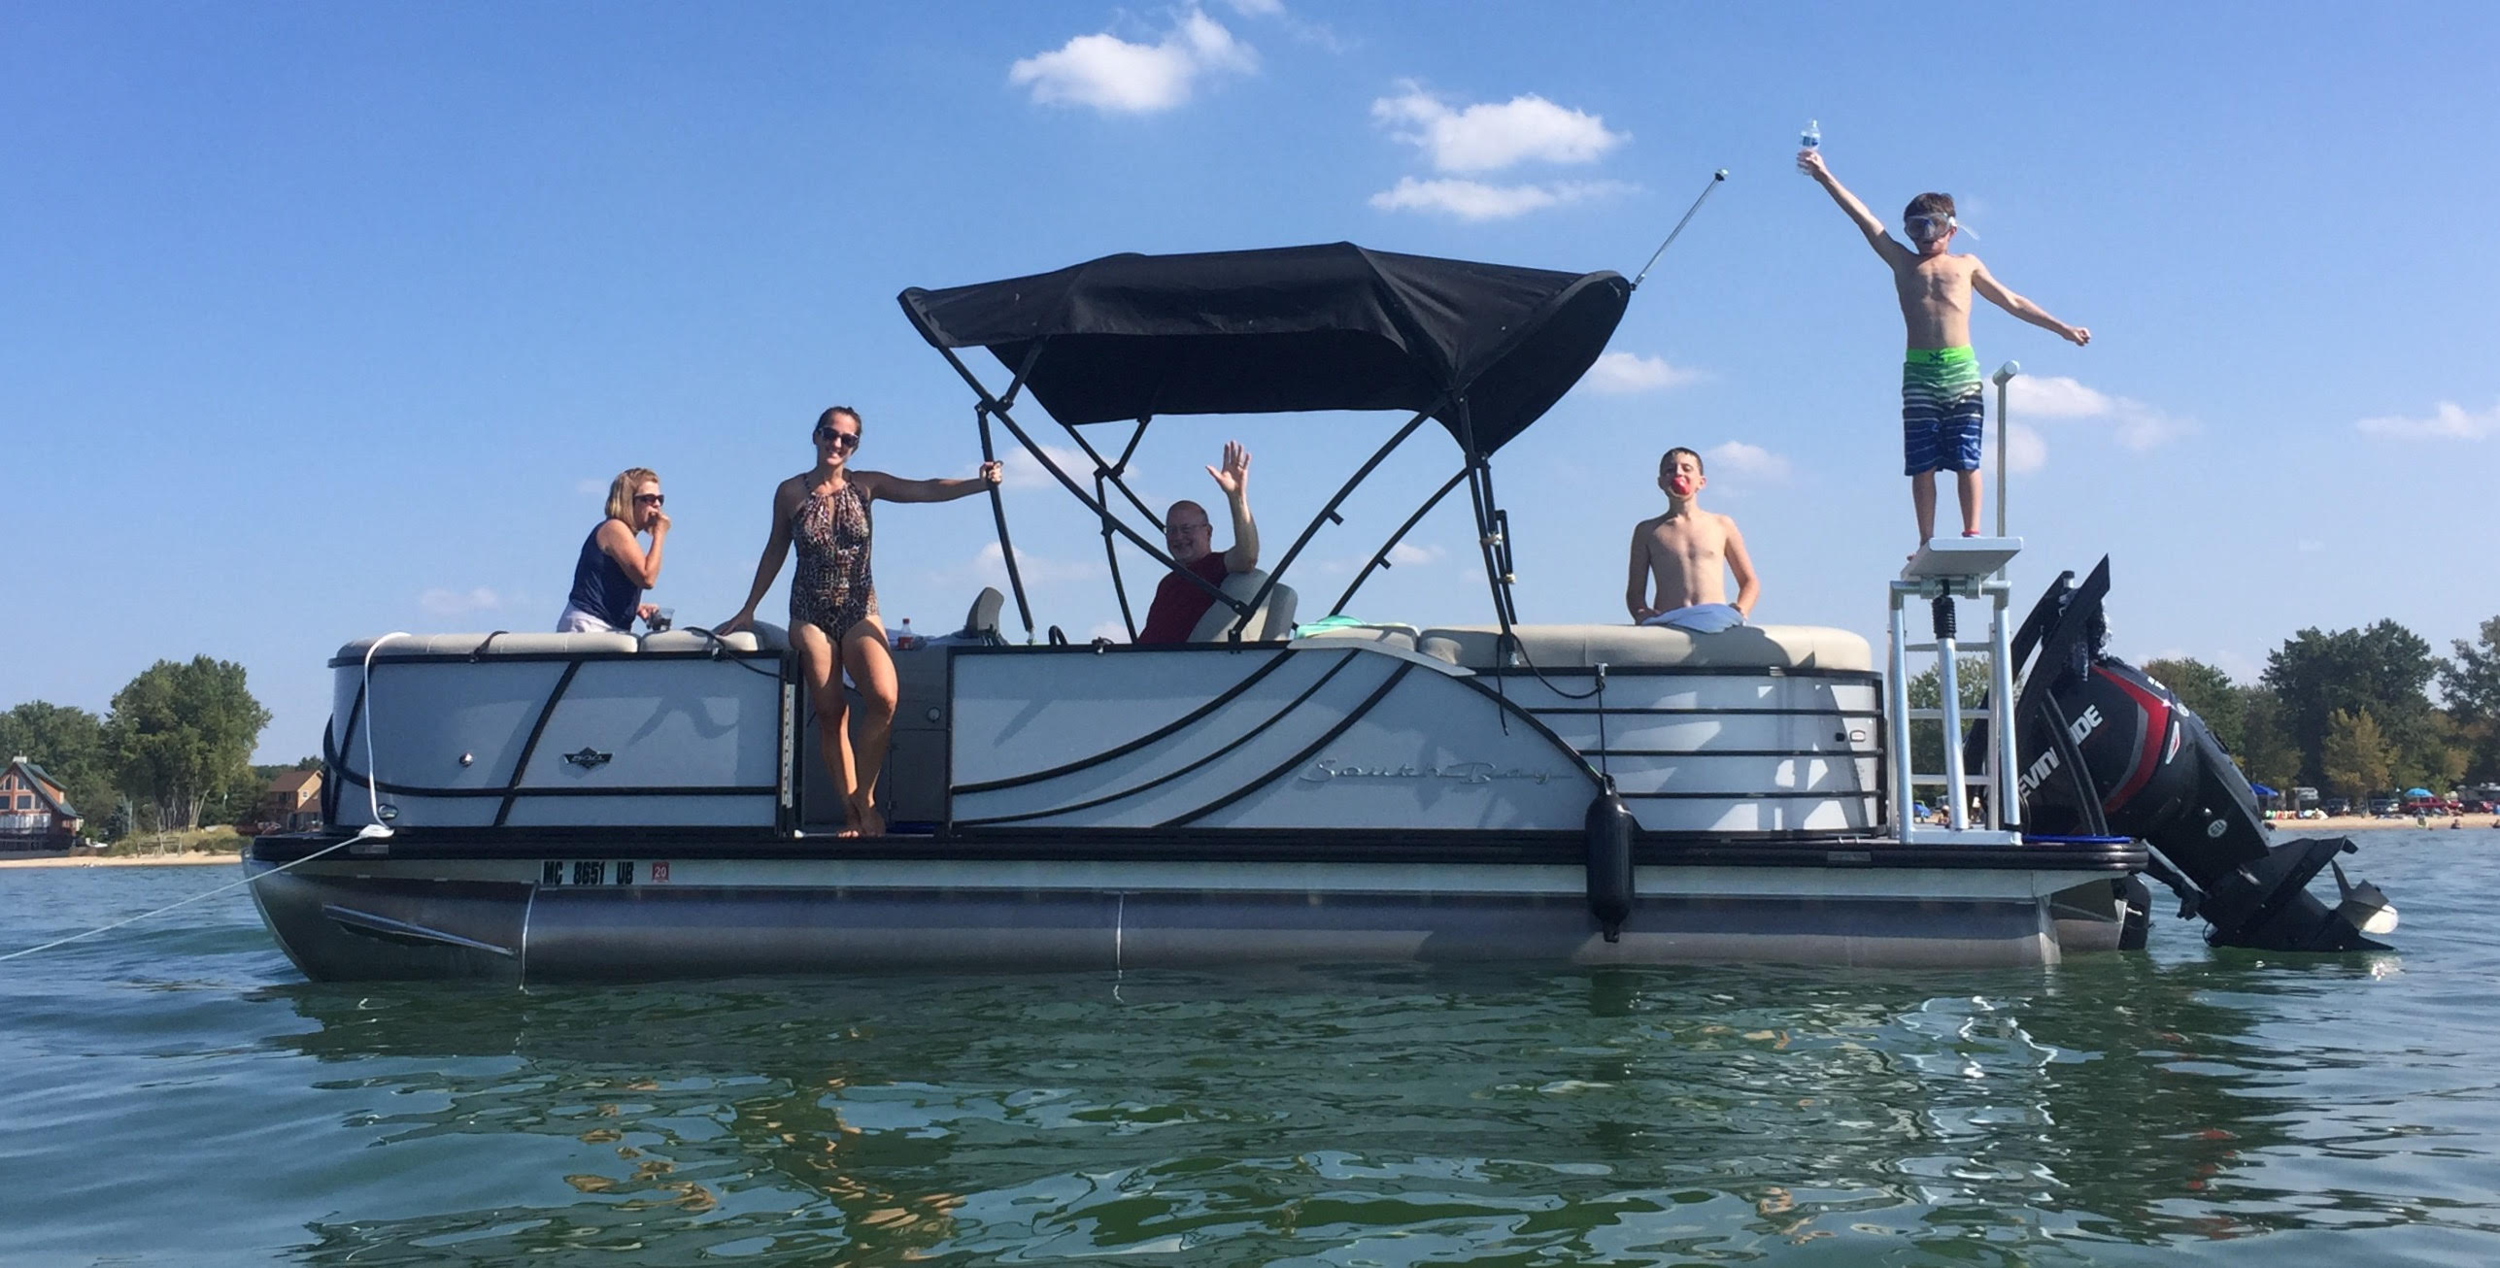 caseville boat rental2.png